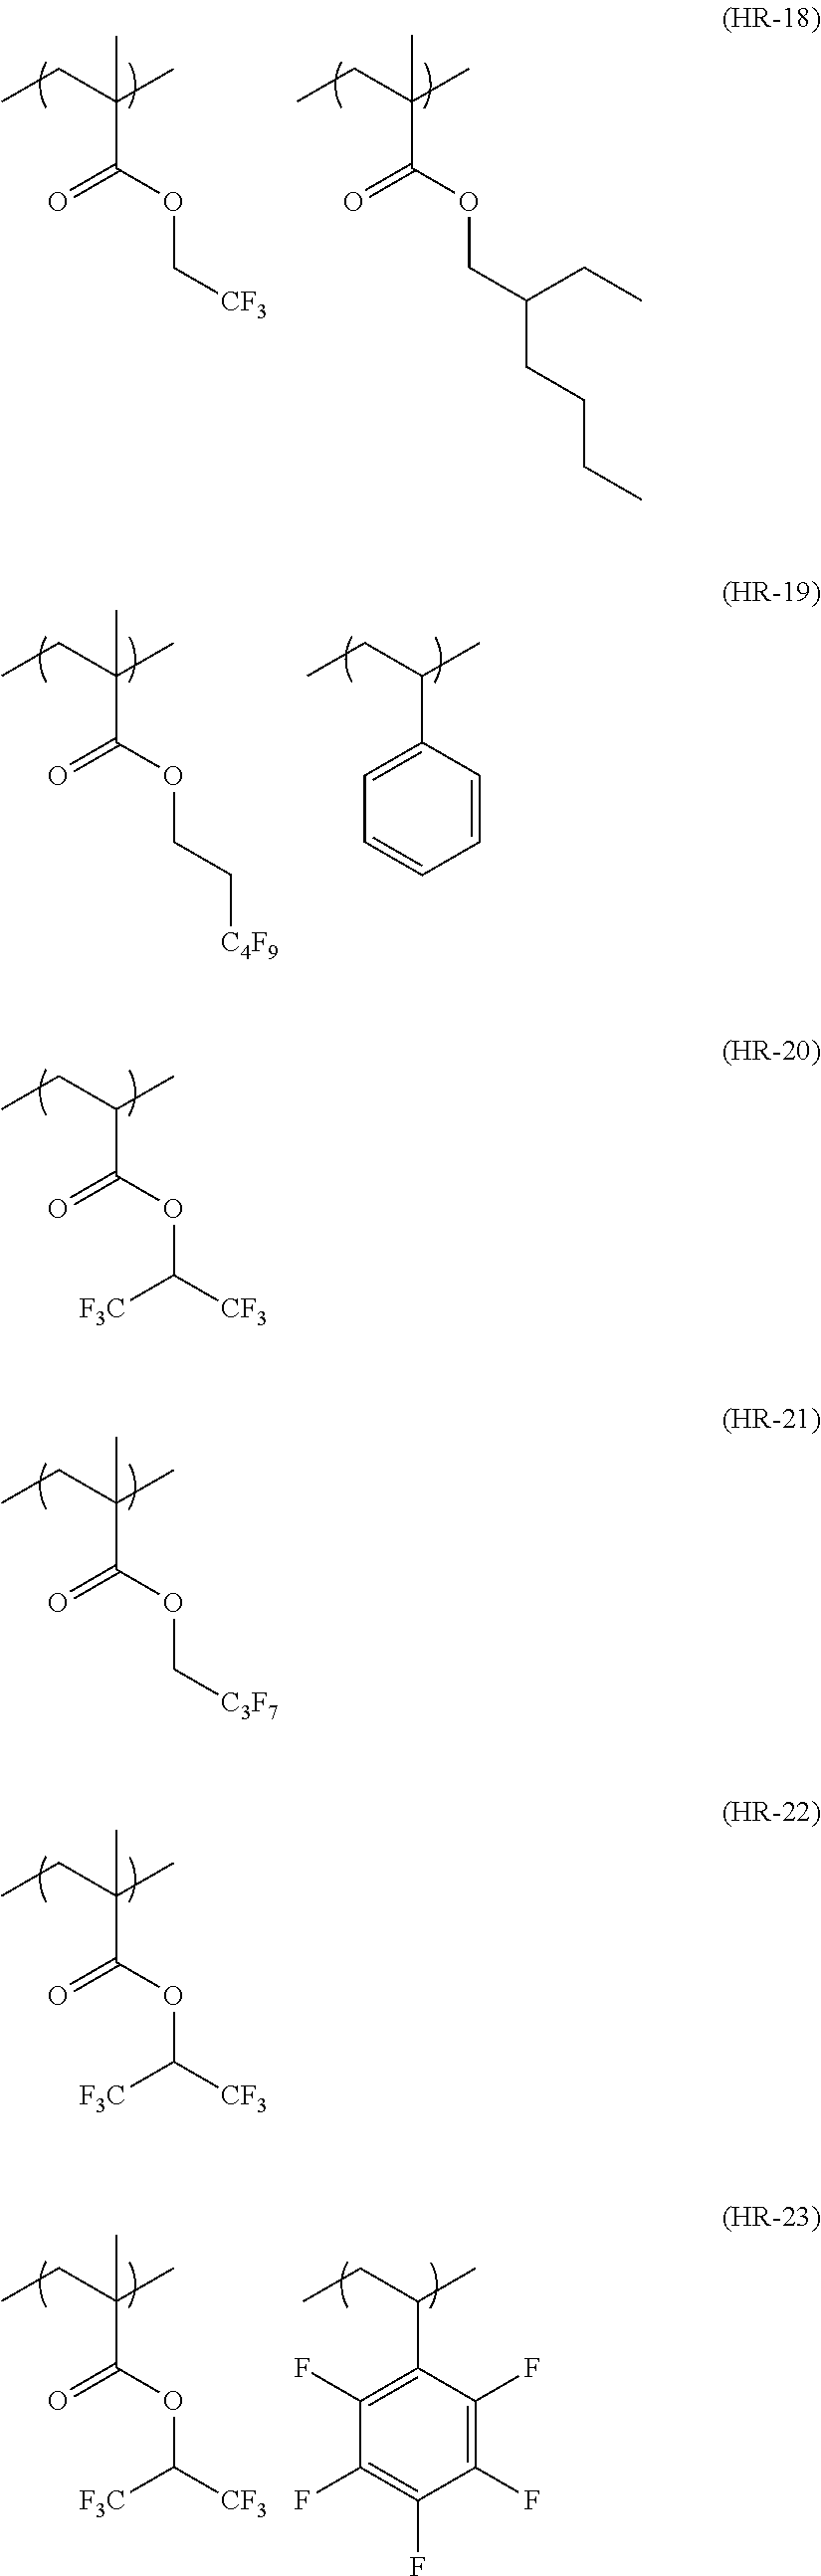 Figure US20110183258A1-20110728-C00115